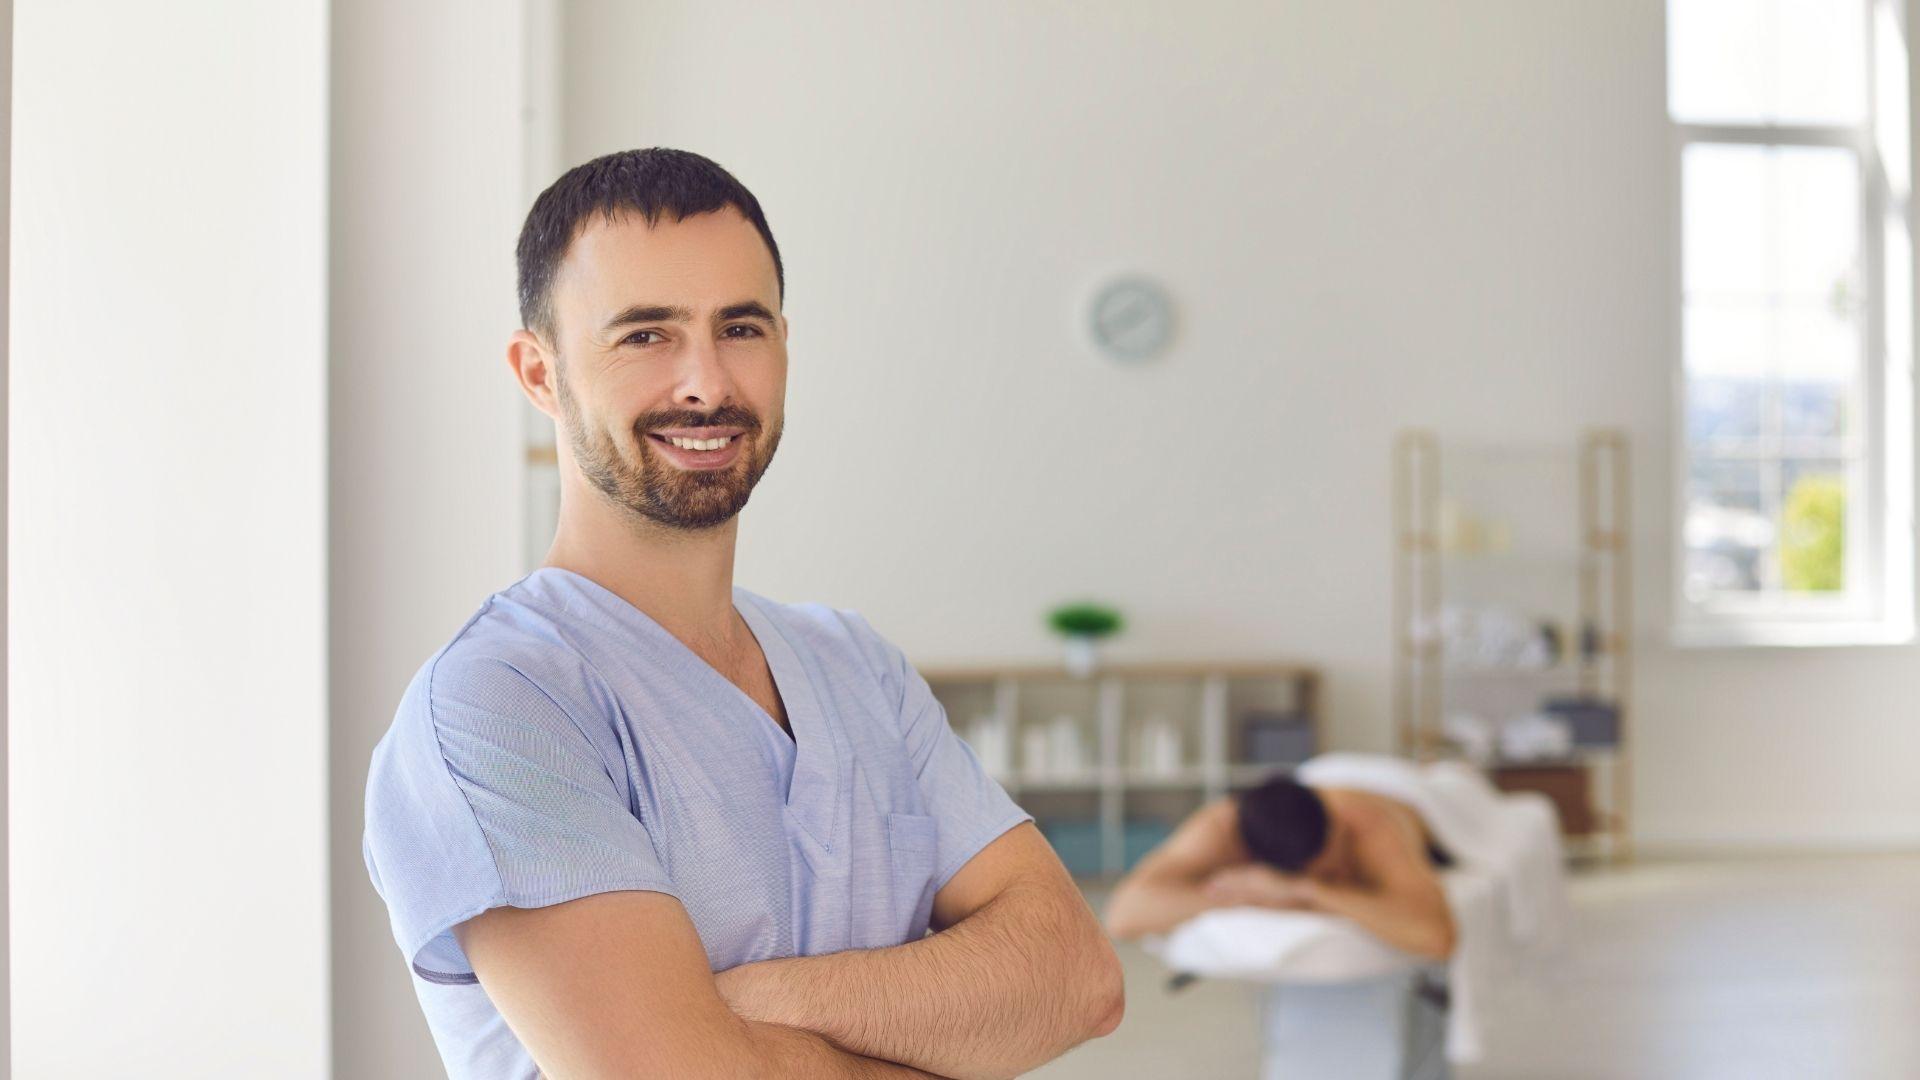 Zertifizierte Massage Ausbildung Massage und Wellnesstherapeut bei der Master Wellness Akademie als Massage und Wellnesstherapeut